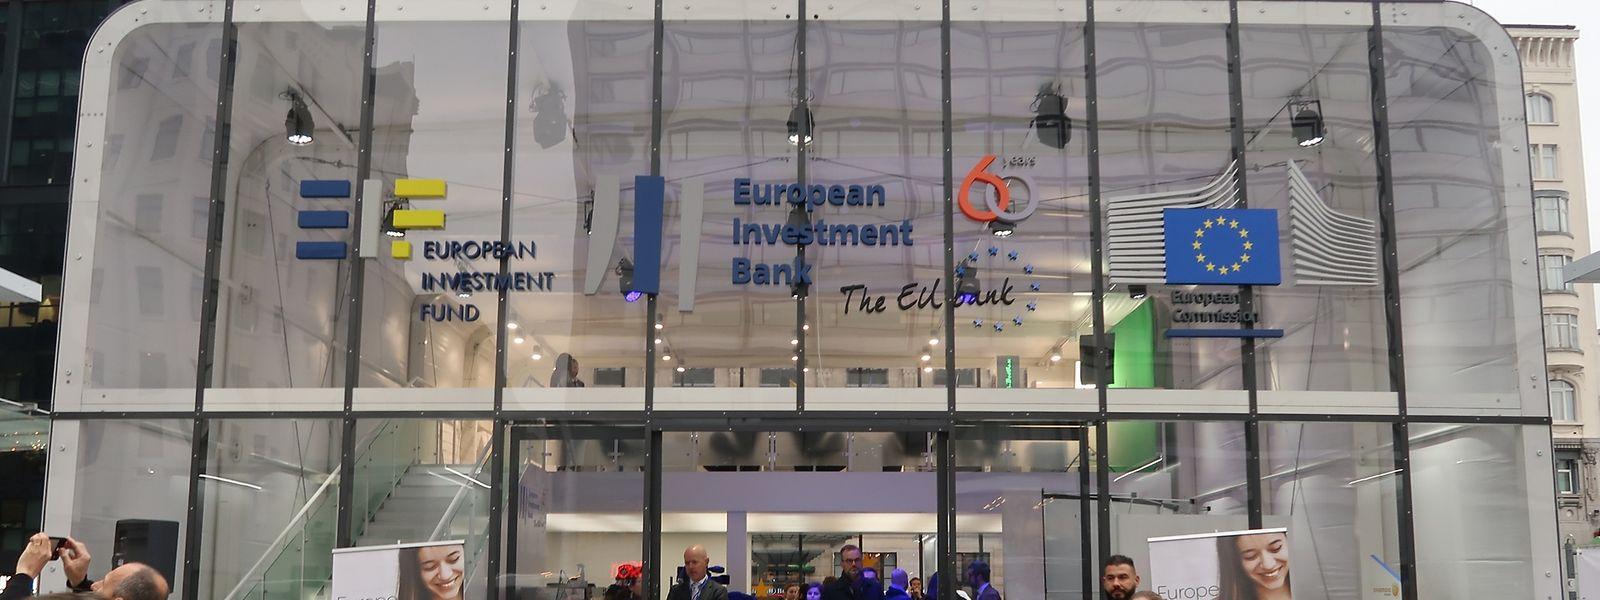 Am Freitag fand in der belgischen Hauptstadt die Einweihung einer zweitägigen Ausstellung zum Thema Juncker-Plan statt.